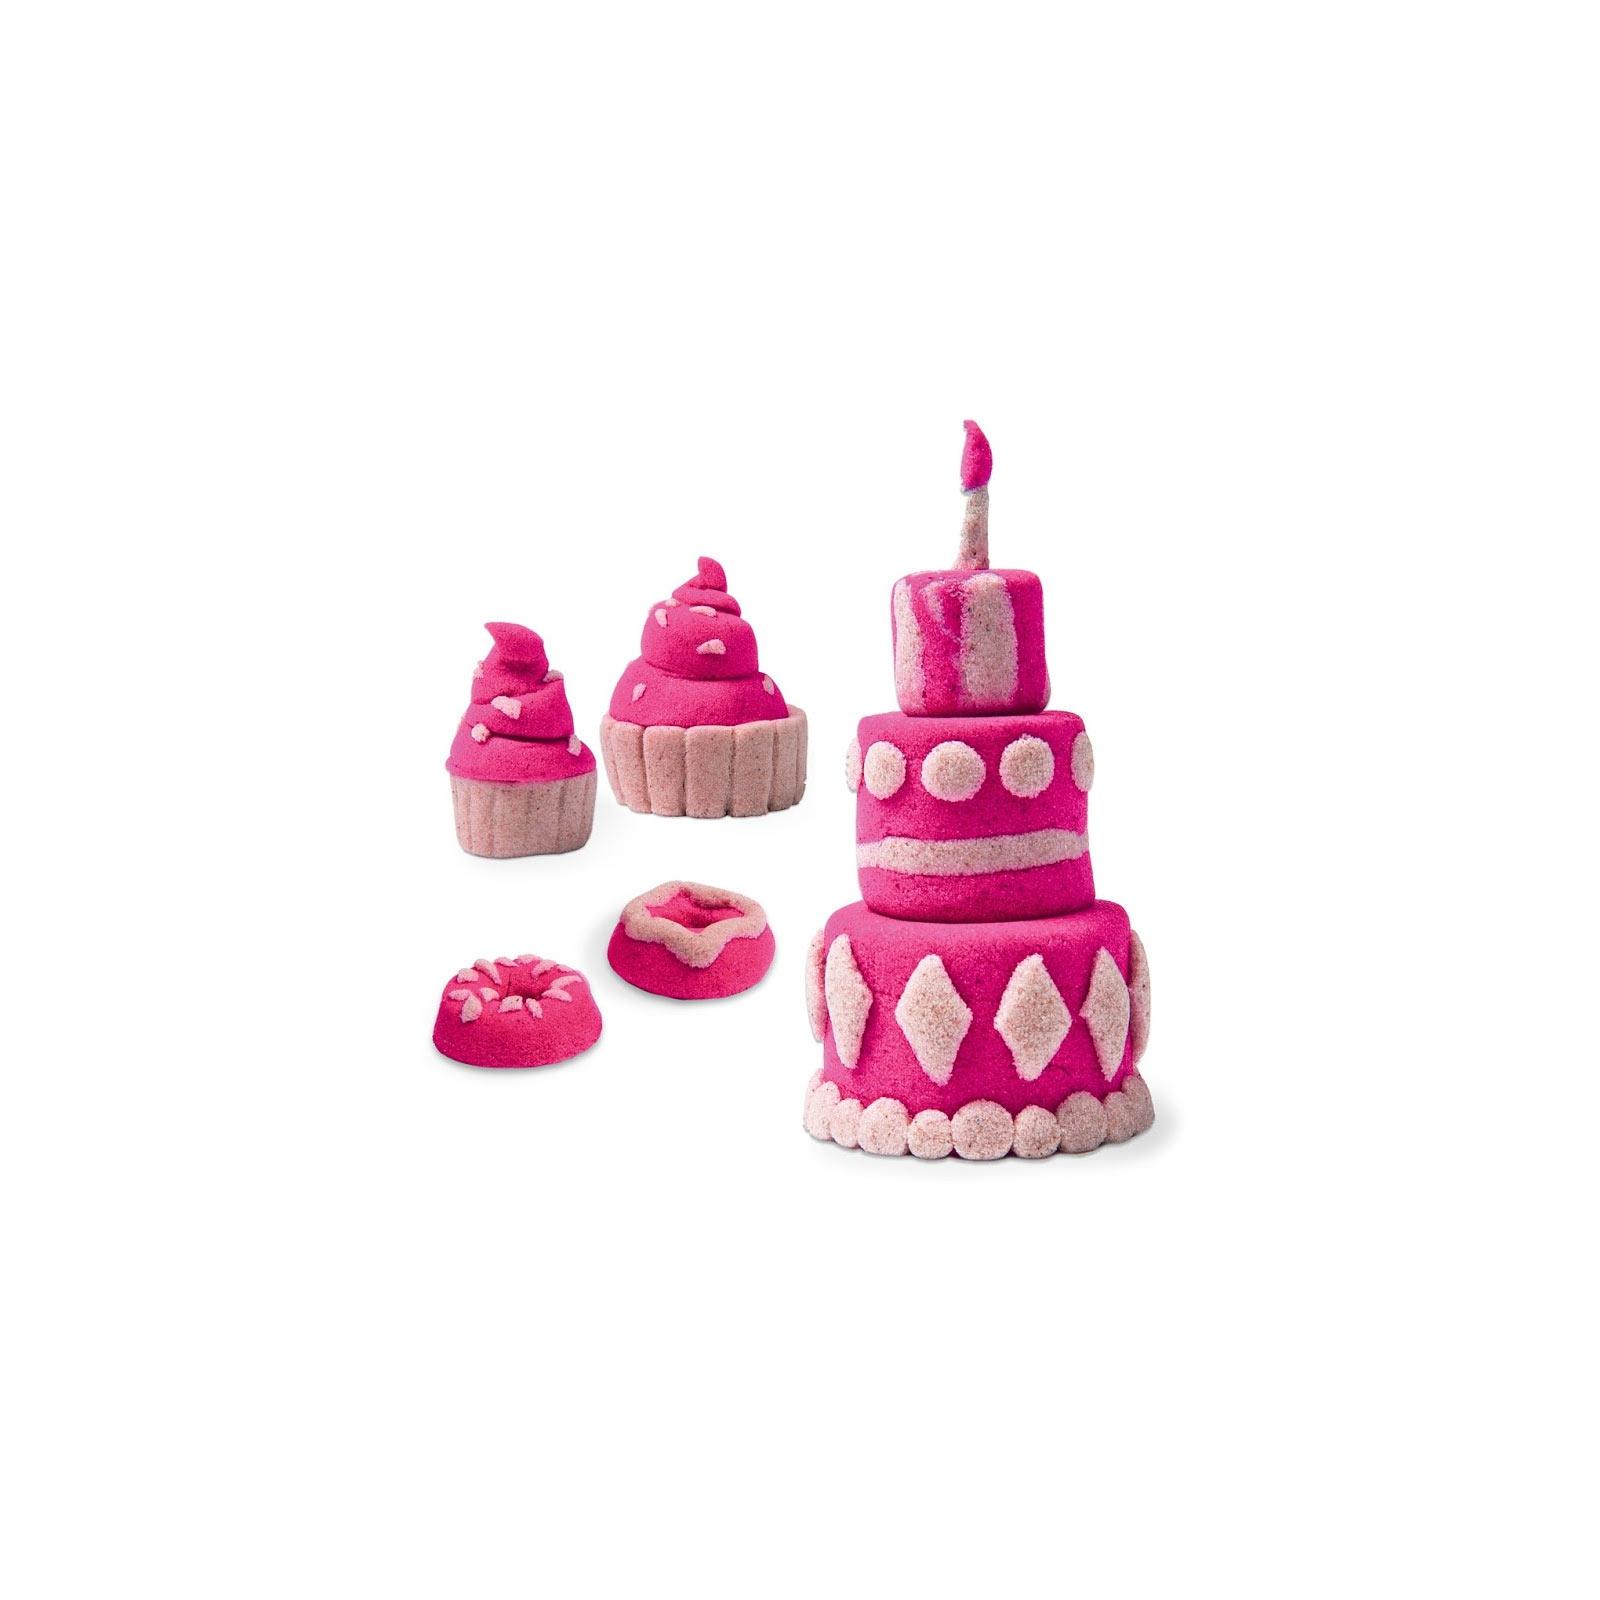 Набор для творчества Wacky-Tivities Kinetic sand build белый, розовый (71428WPn) изображение 2